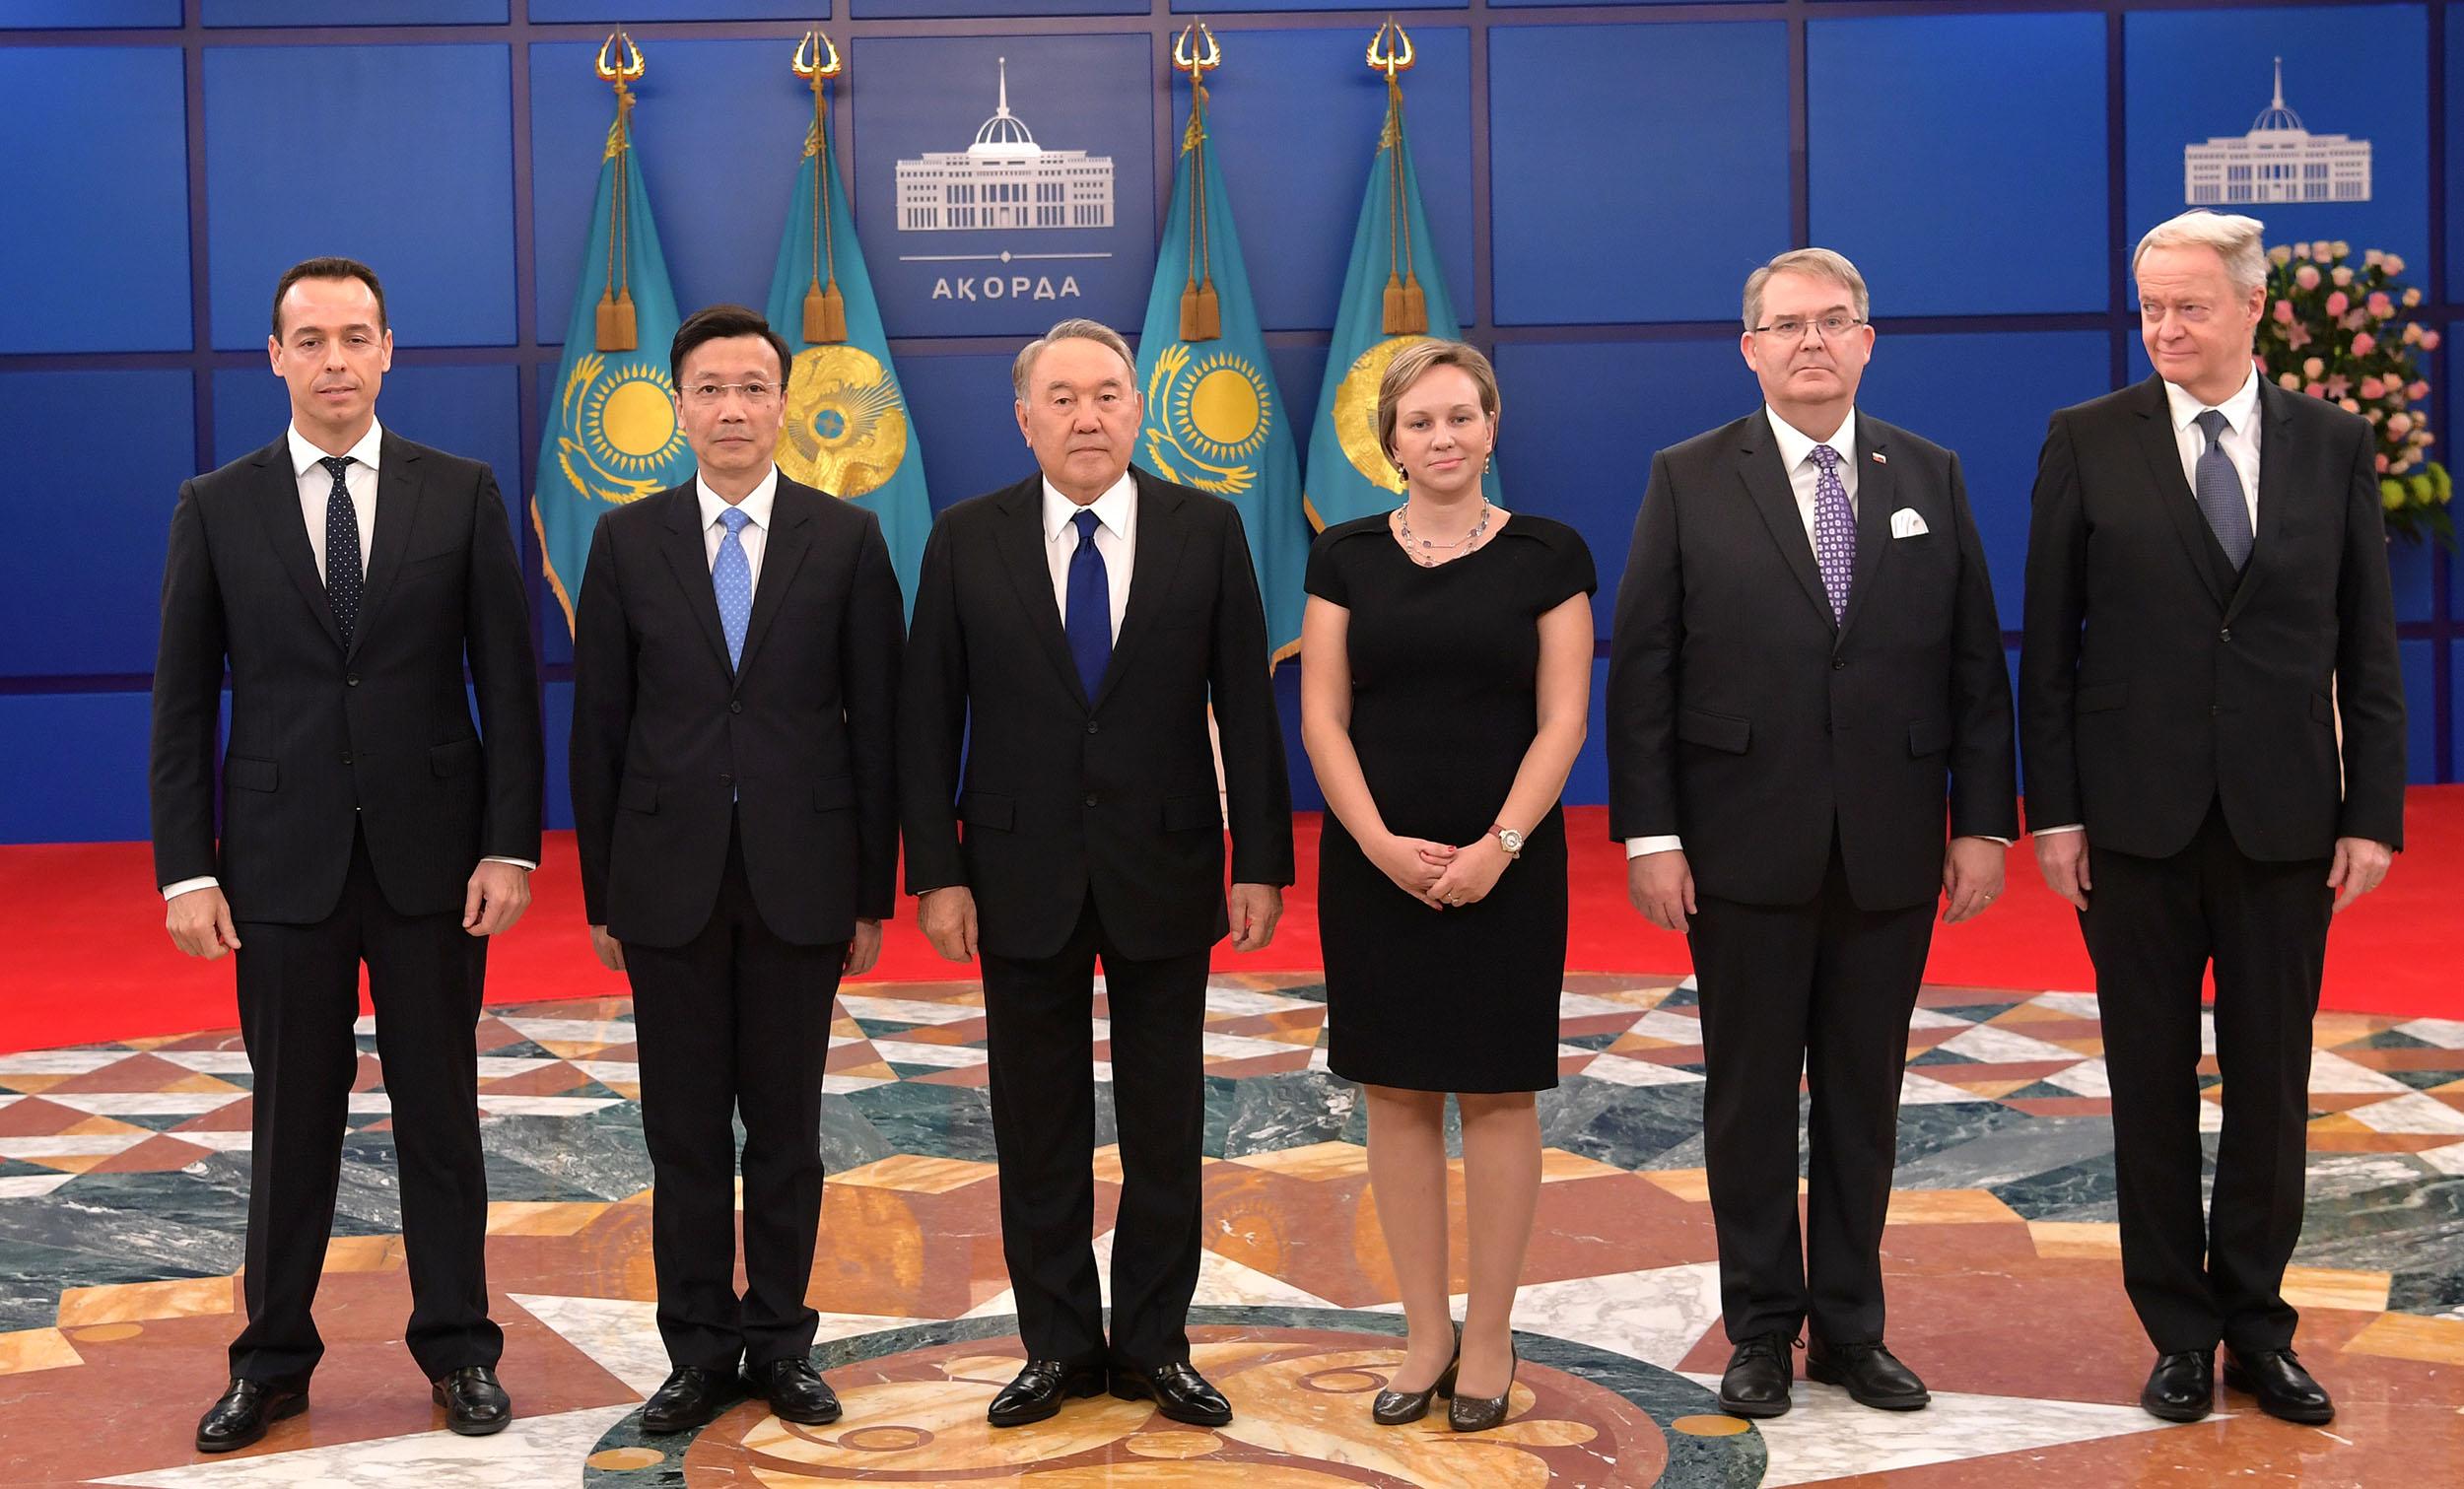 Противостоять глобальным кризисам без взаимного доверия невозможно – Назарбаев